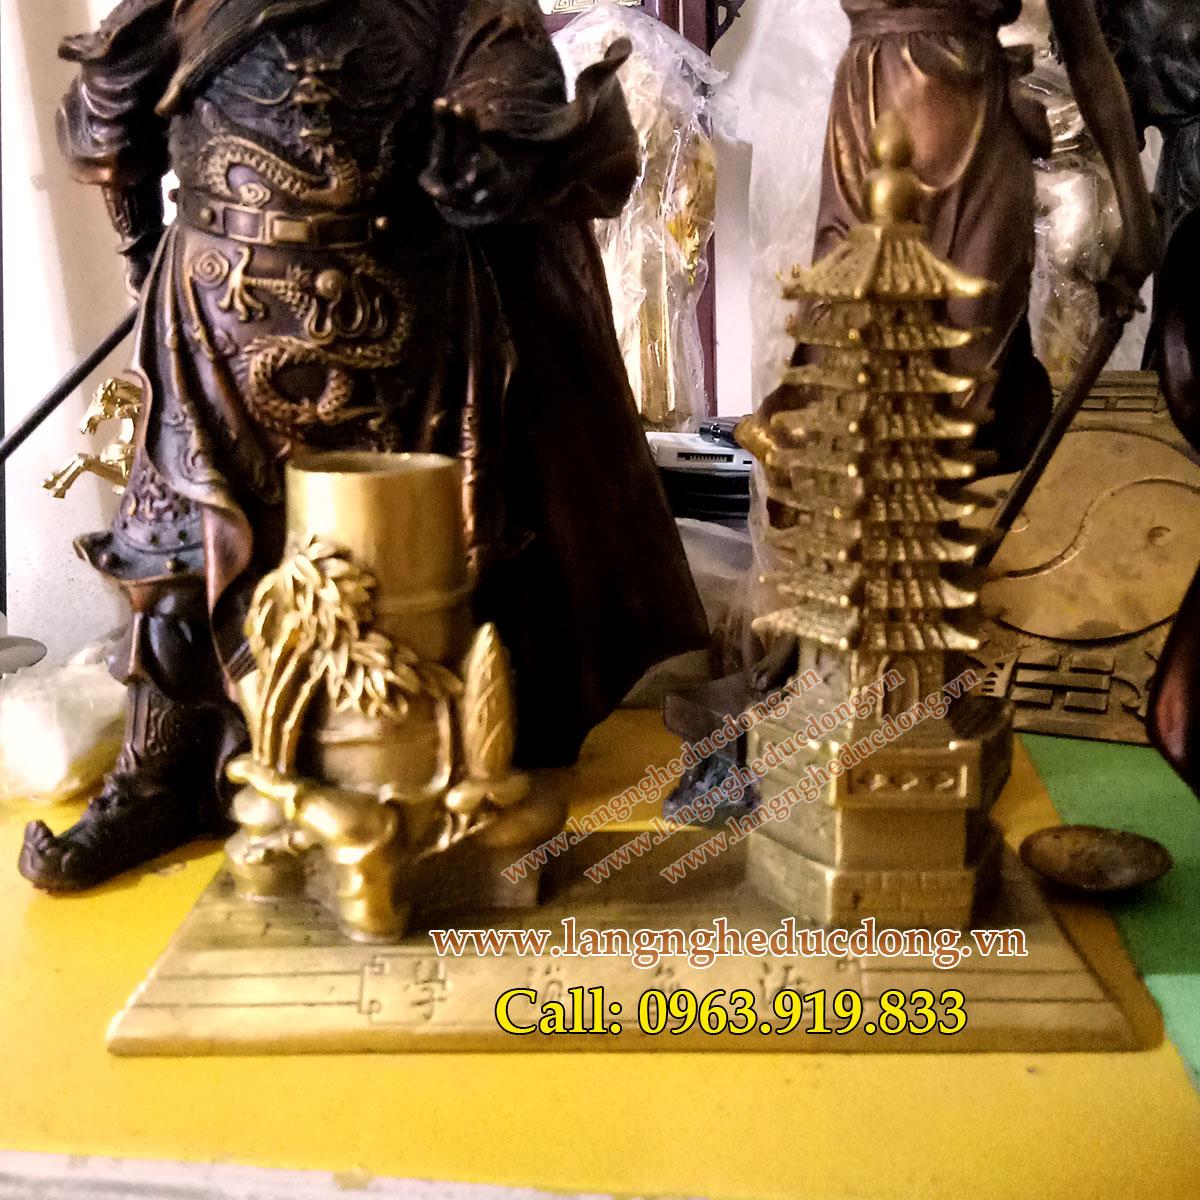 langngheducdong.vn - vật phẩm phong thủy, đồ phong thủy bằng đồng, tháp văn xương